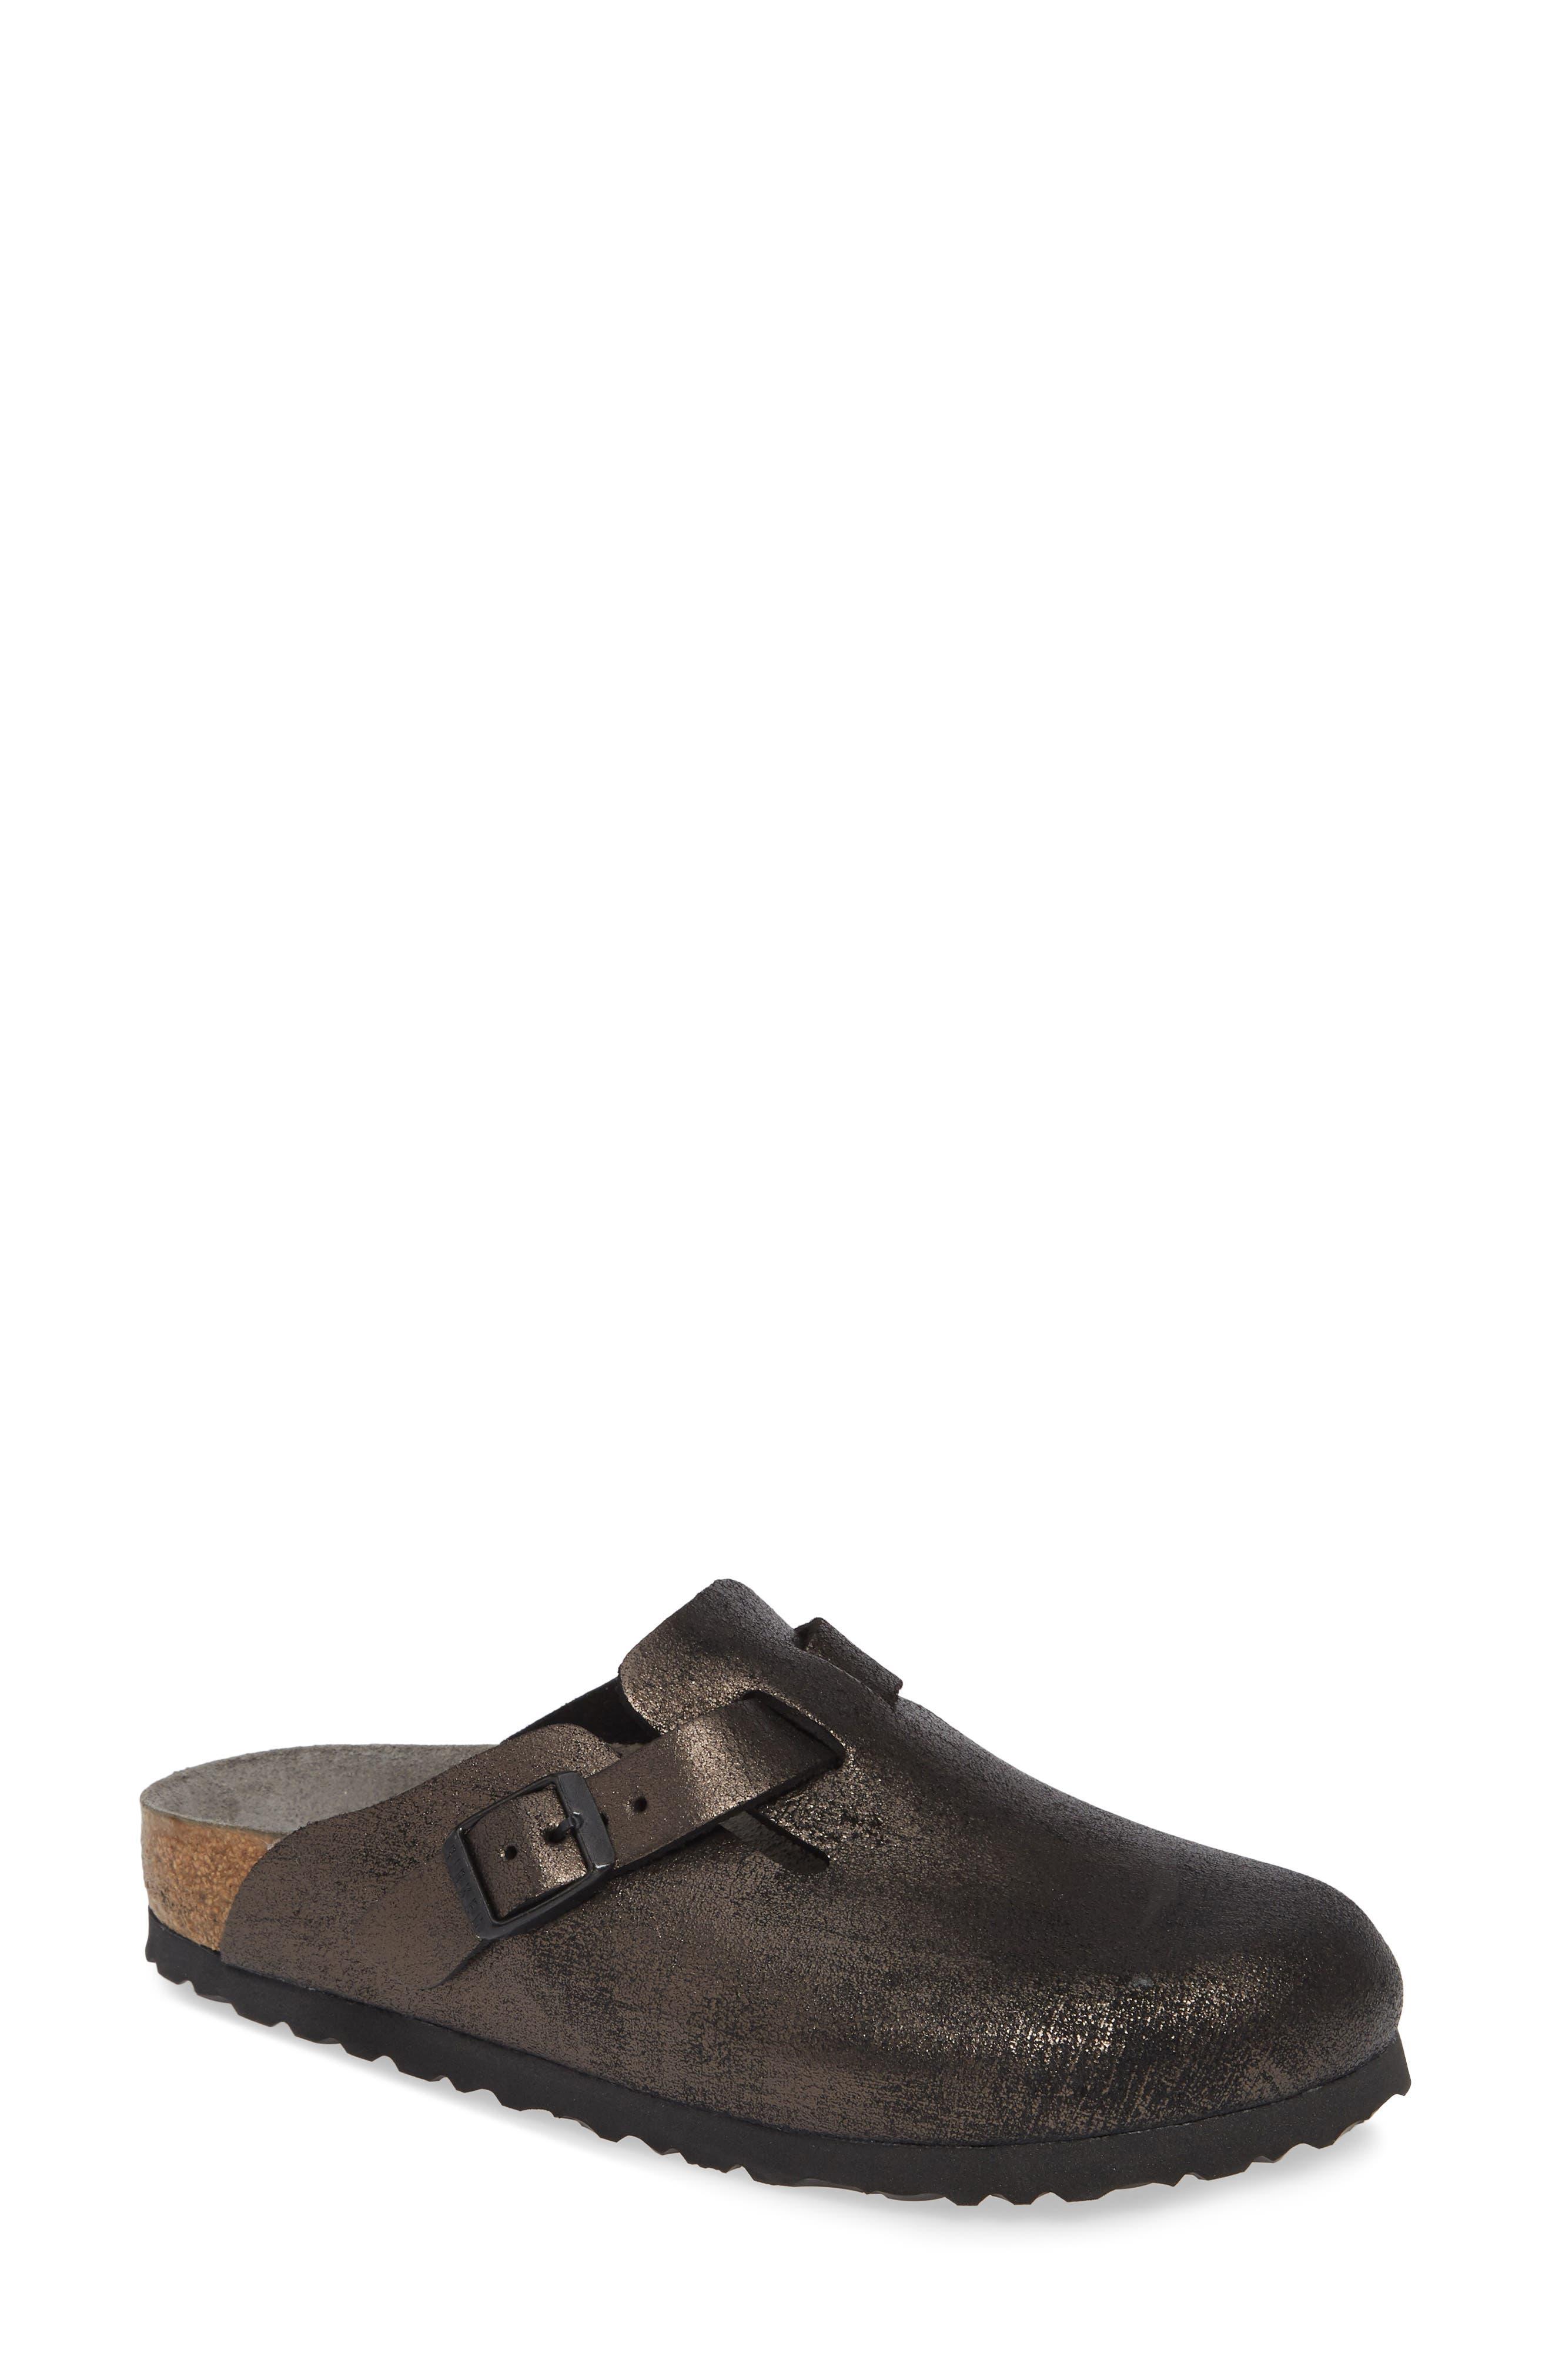 Birkenstock Boston Soft Footbed Clog, Black